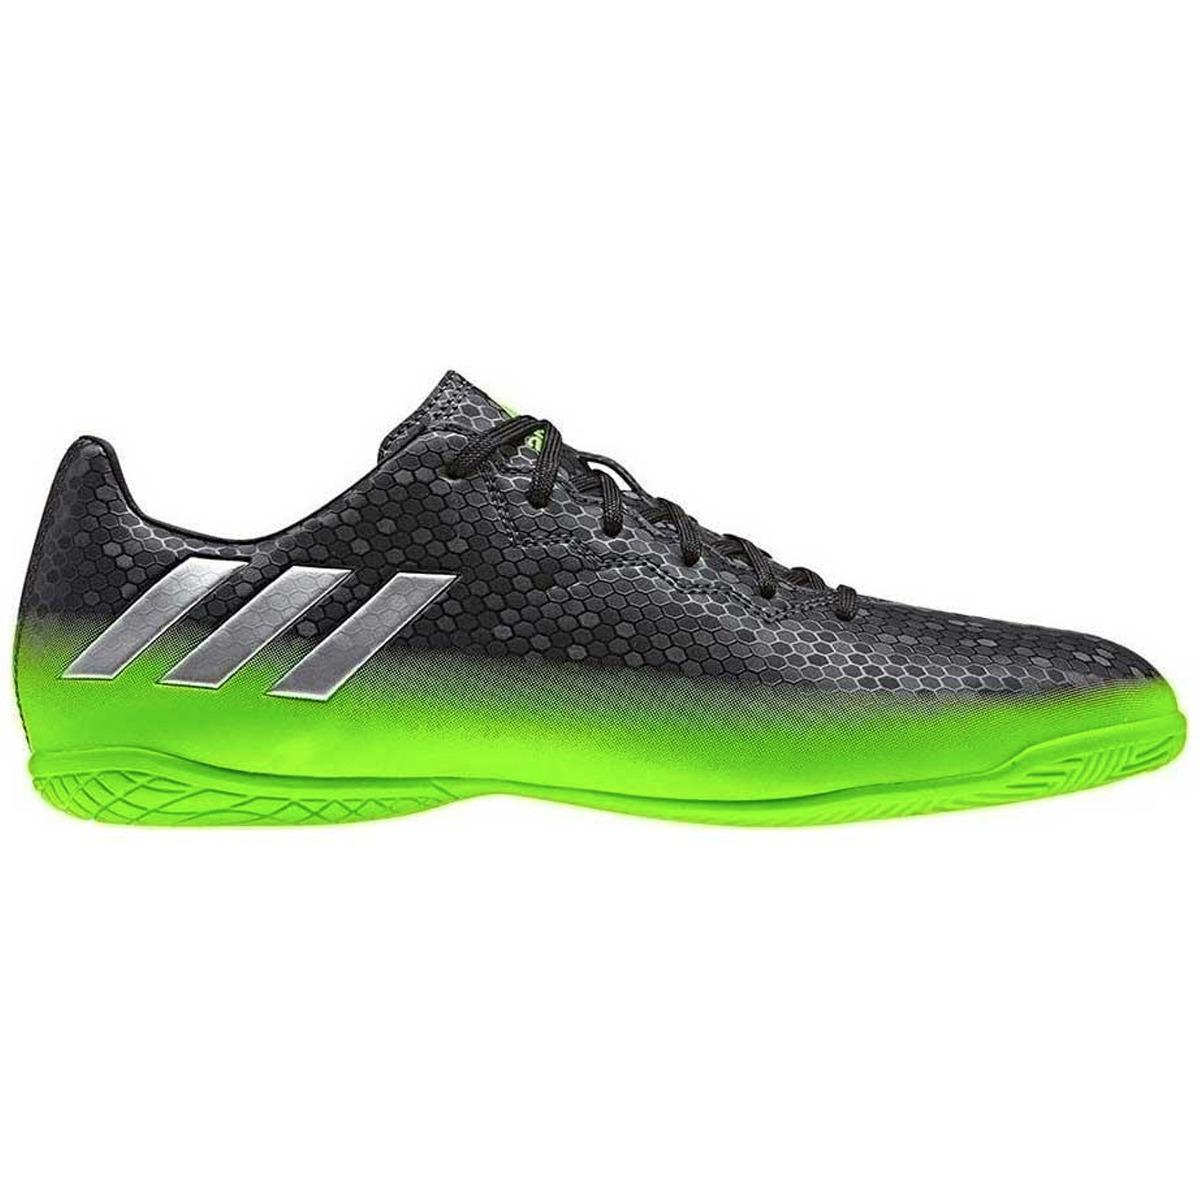 6c6de317ab4bf zapatos tenis futbol soccer messi 16.4 hombre adidas aq3528. Cargando zoom.